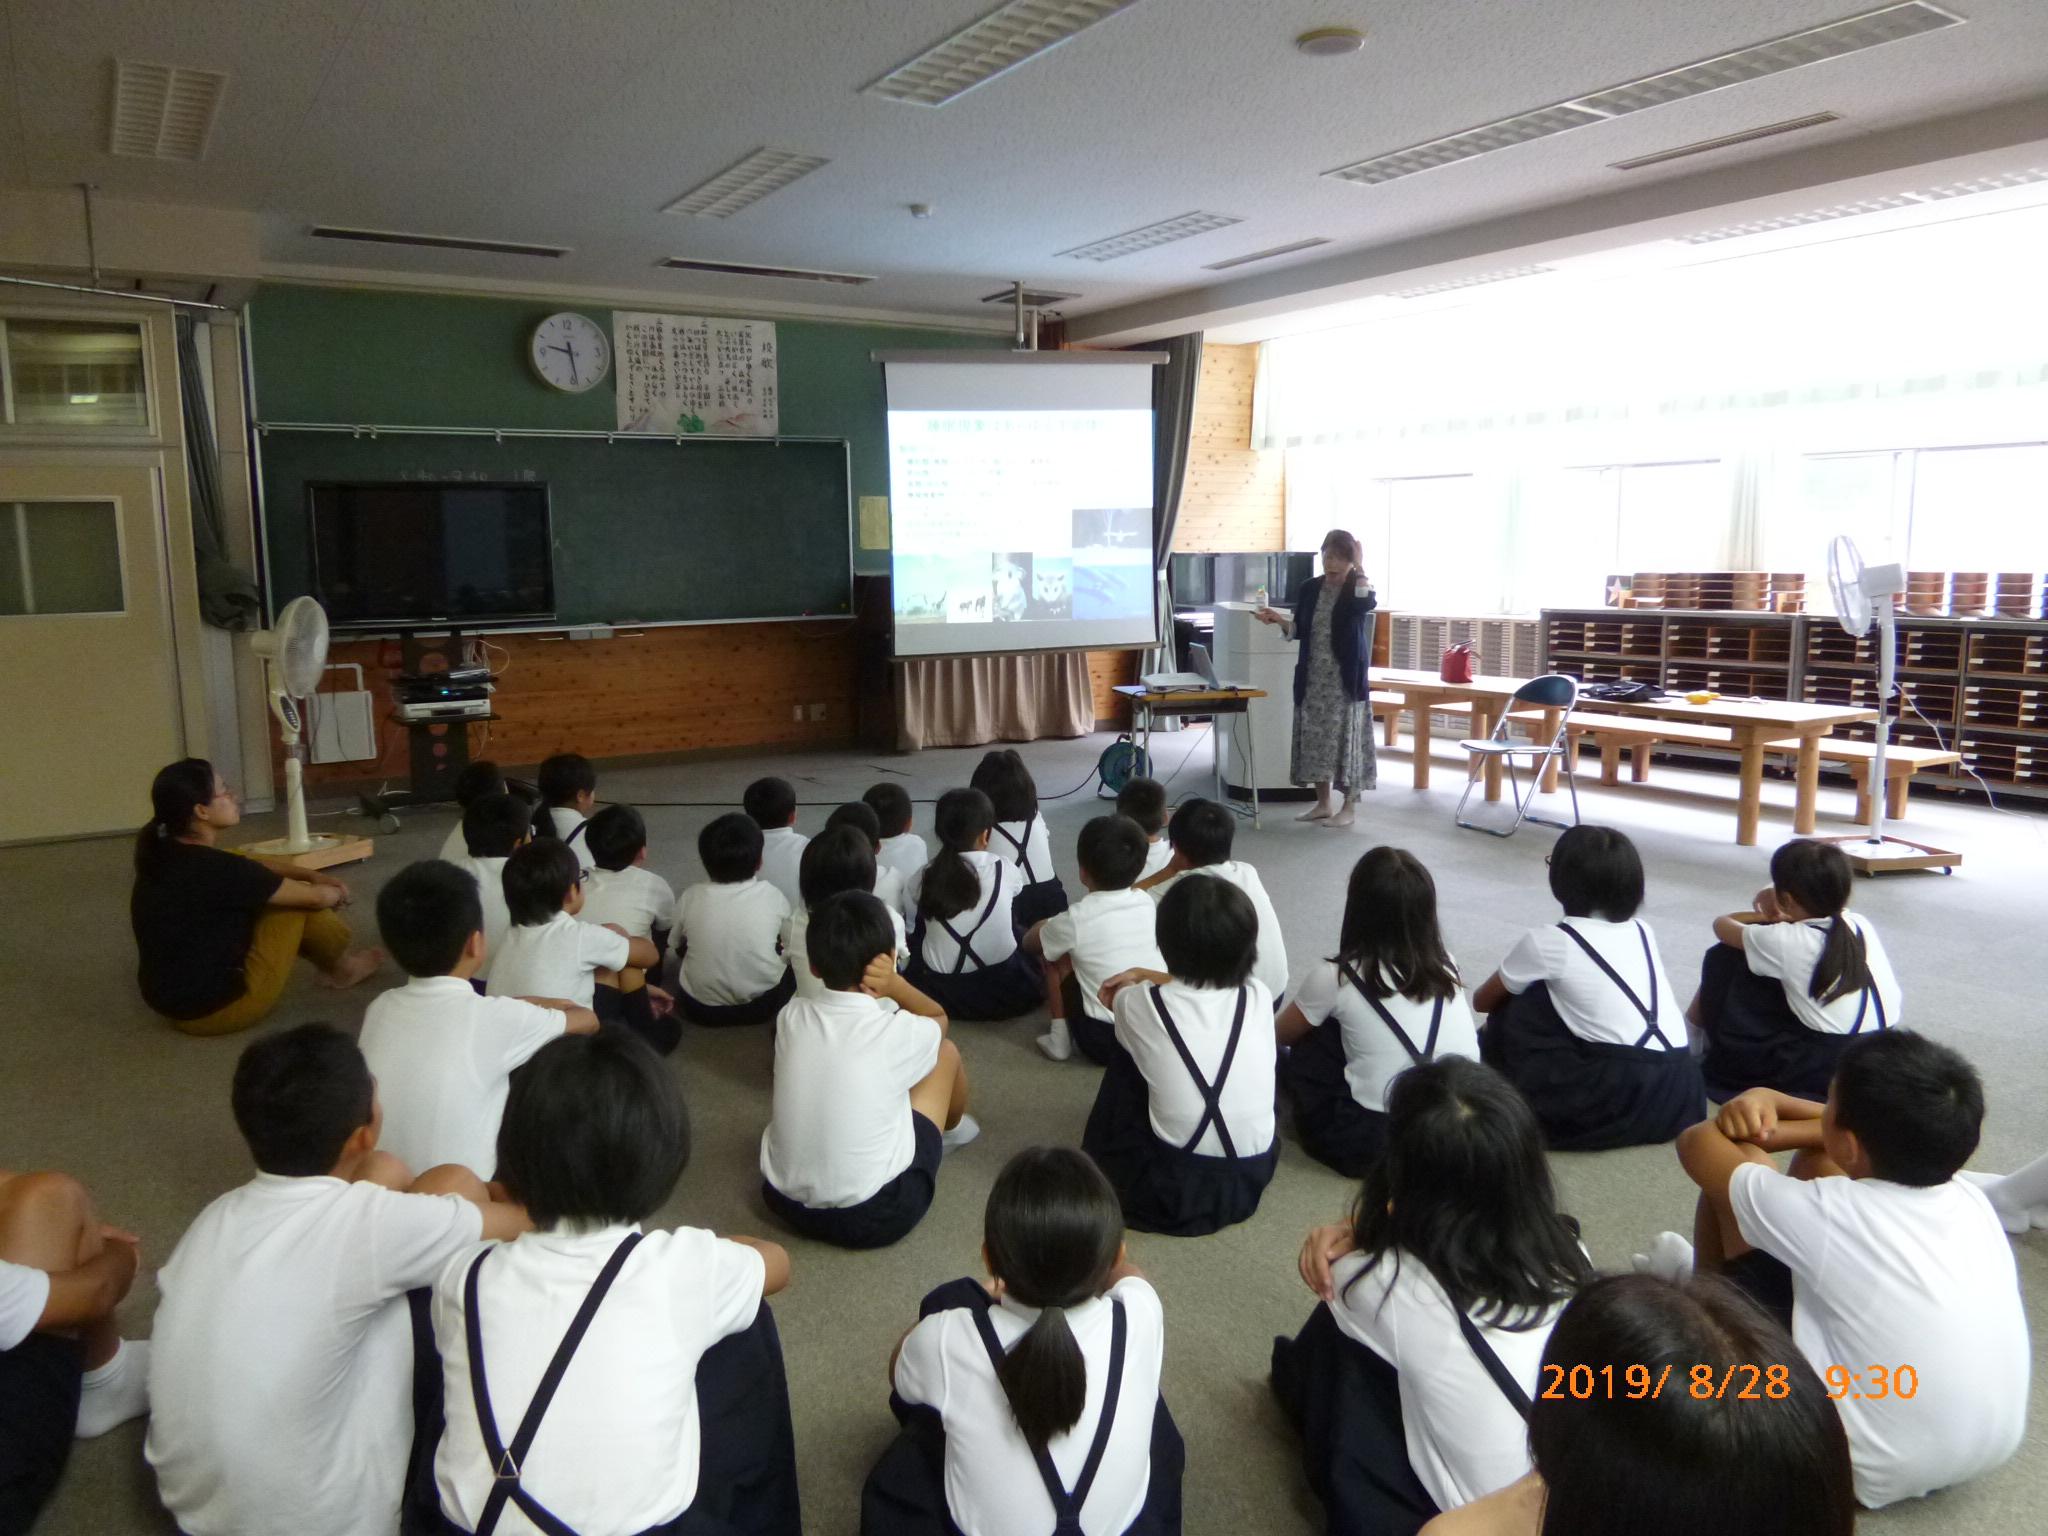 金沢市立三谷小学校での睡眠講演